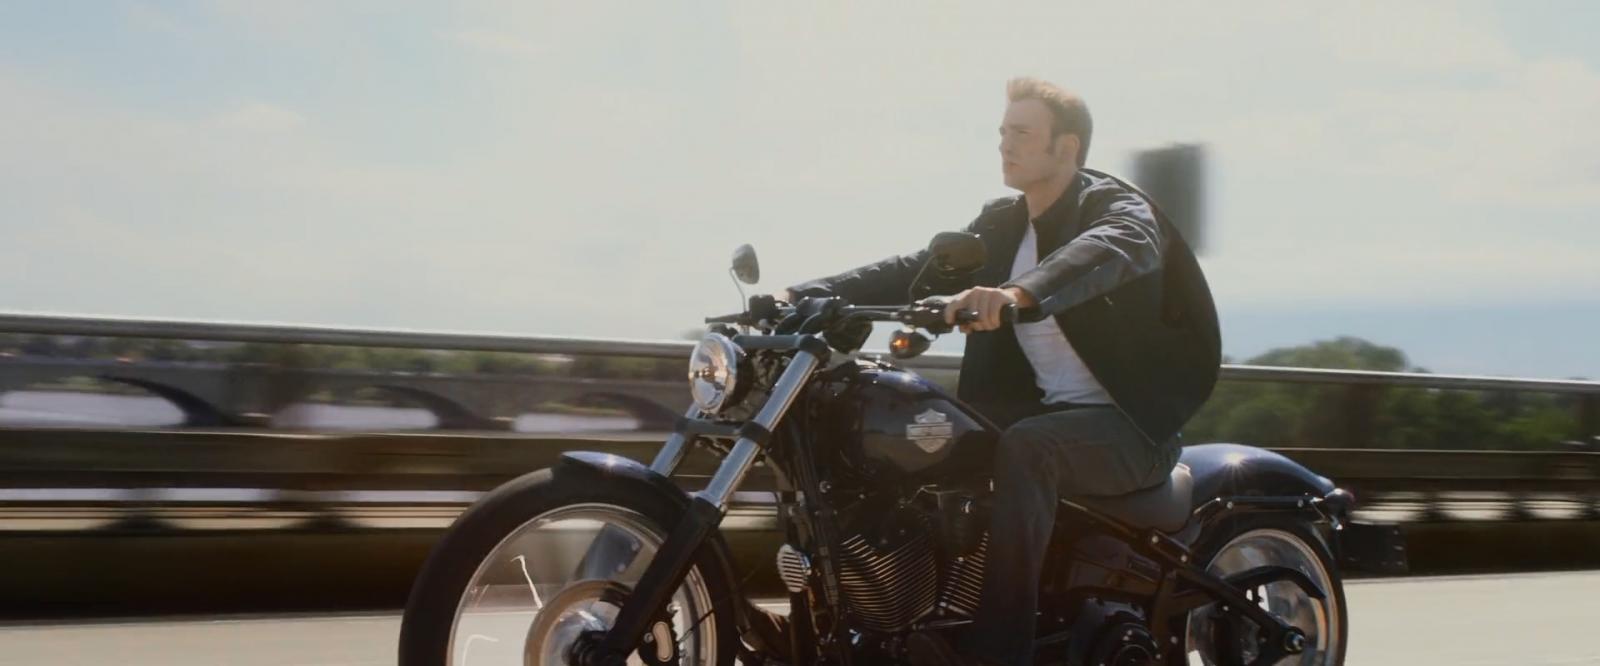 Harley-Davidson Softail 2012